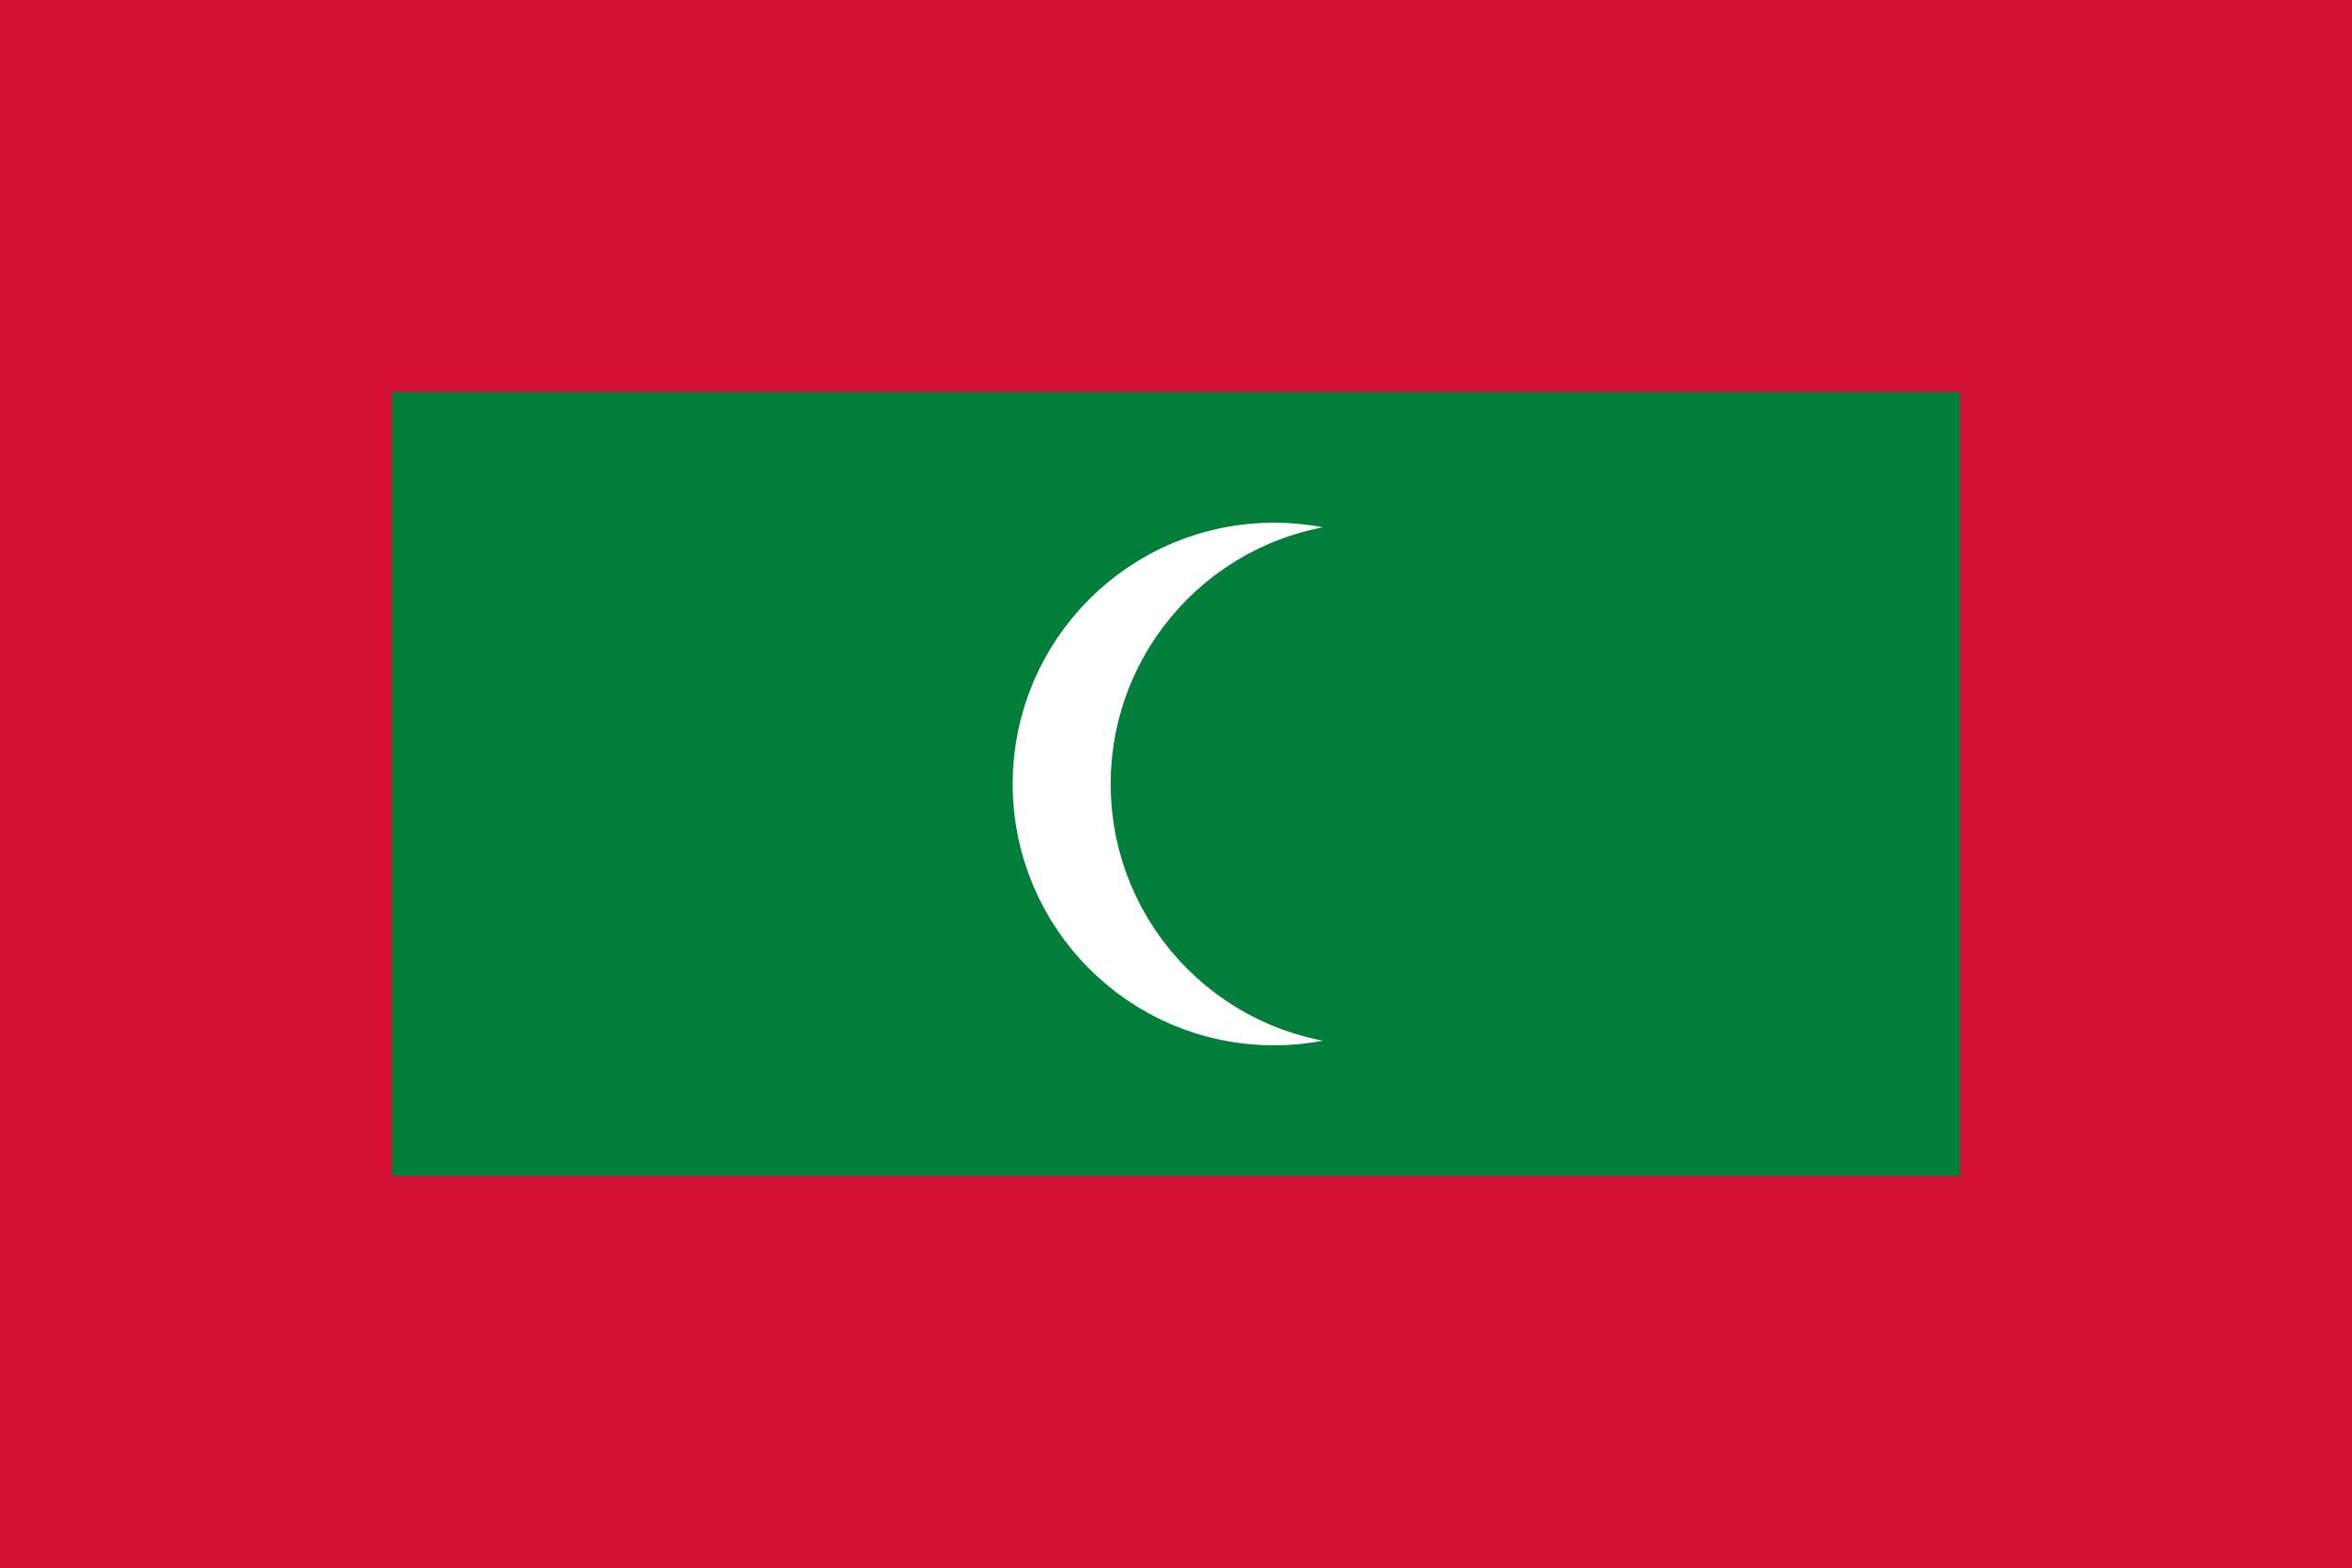 maldivas, país, emblema, insignia, símbolo - Fondos de Pantalla HD - professor-falken.com